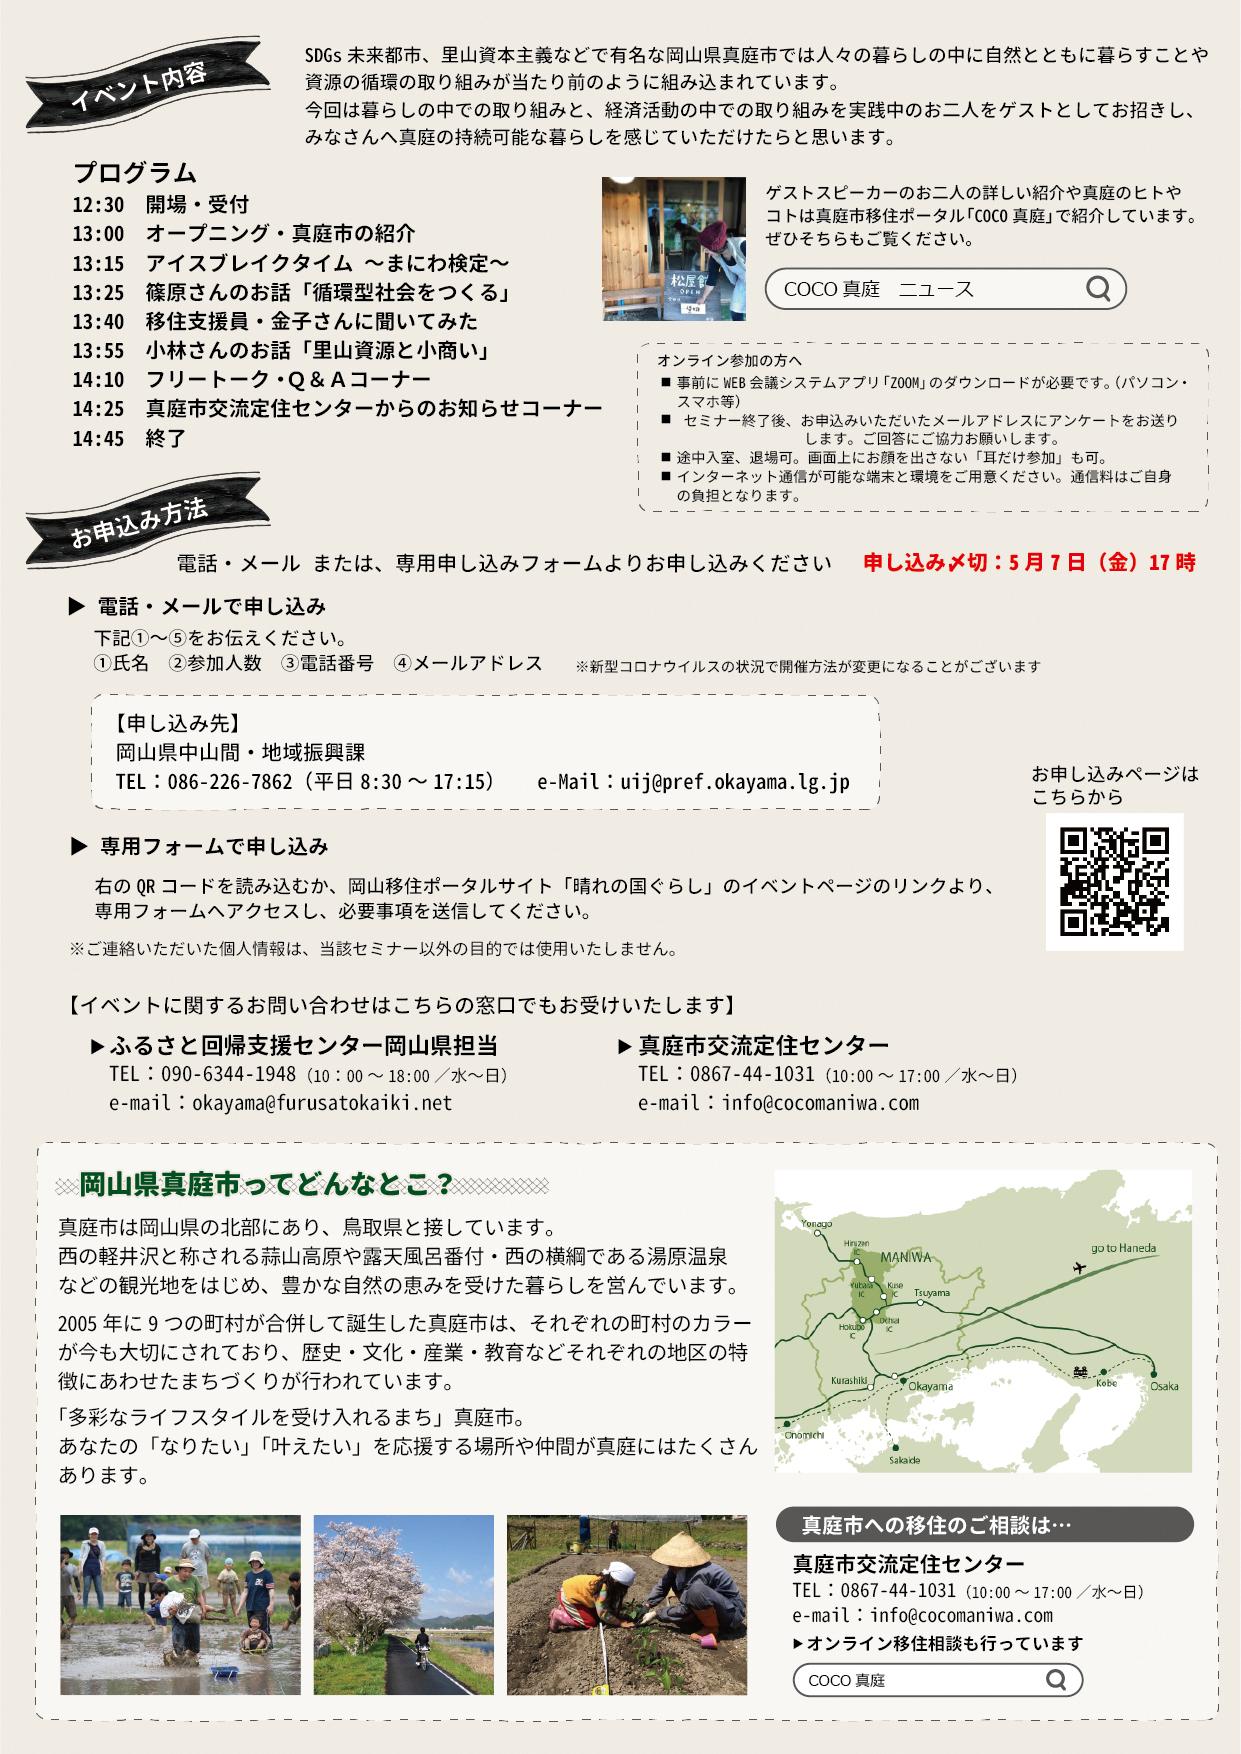 ★里山暮らしセミナーチラシ-02.png